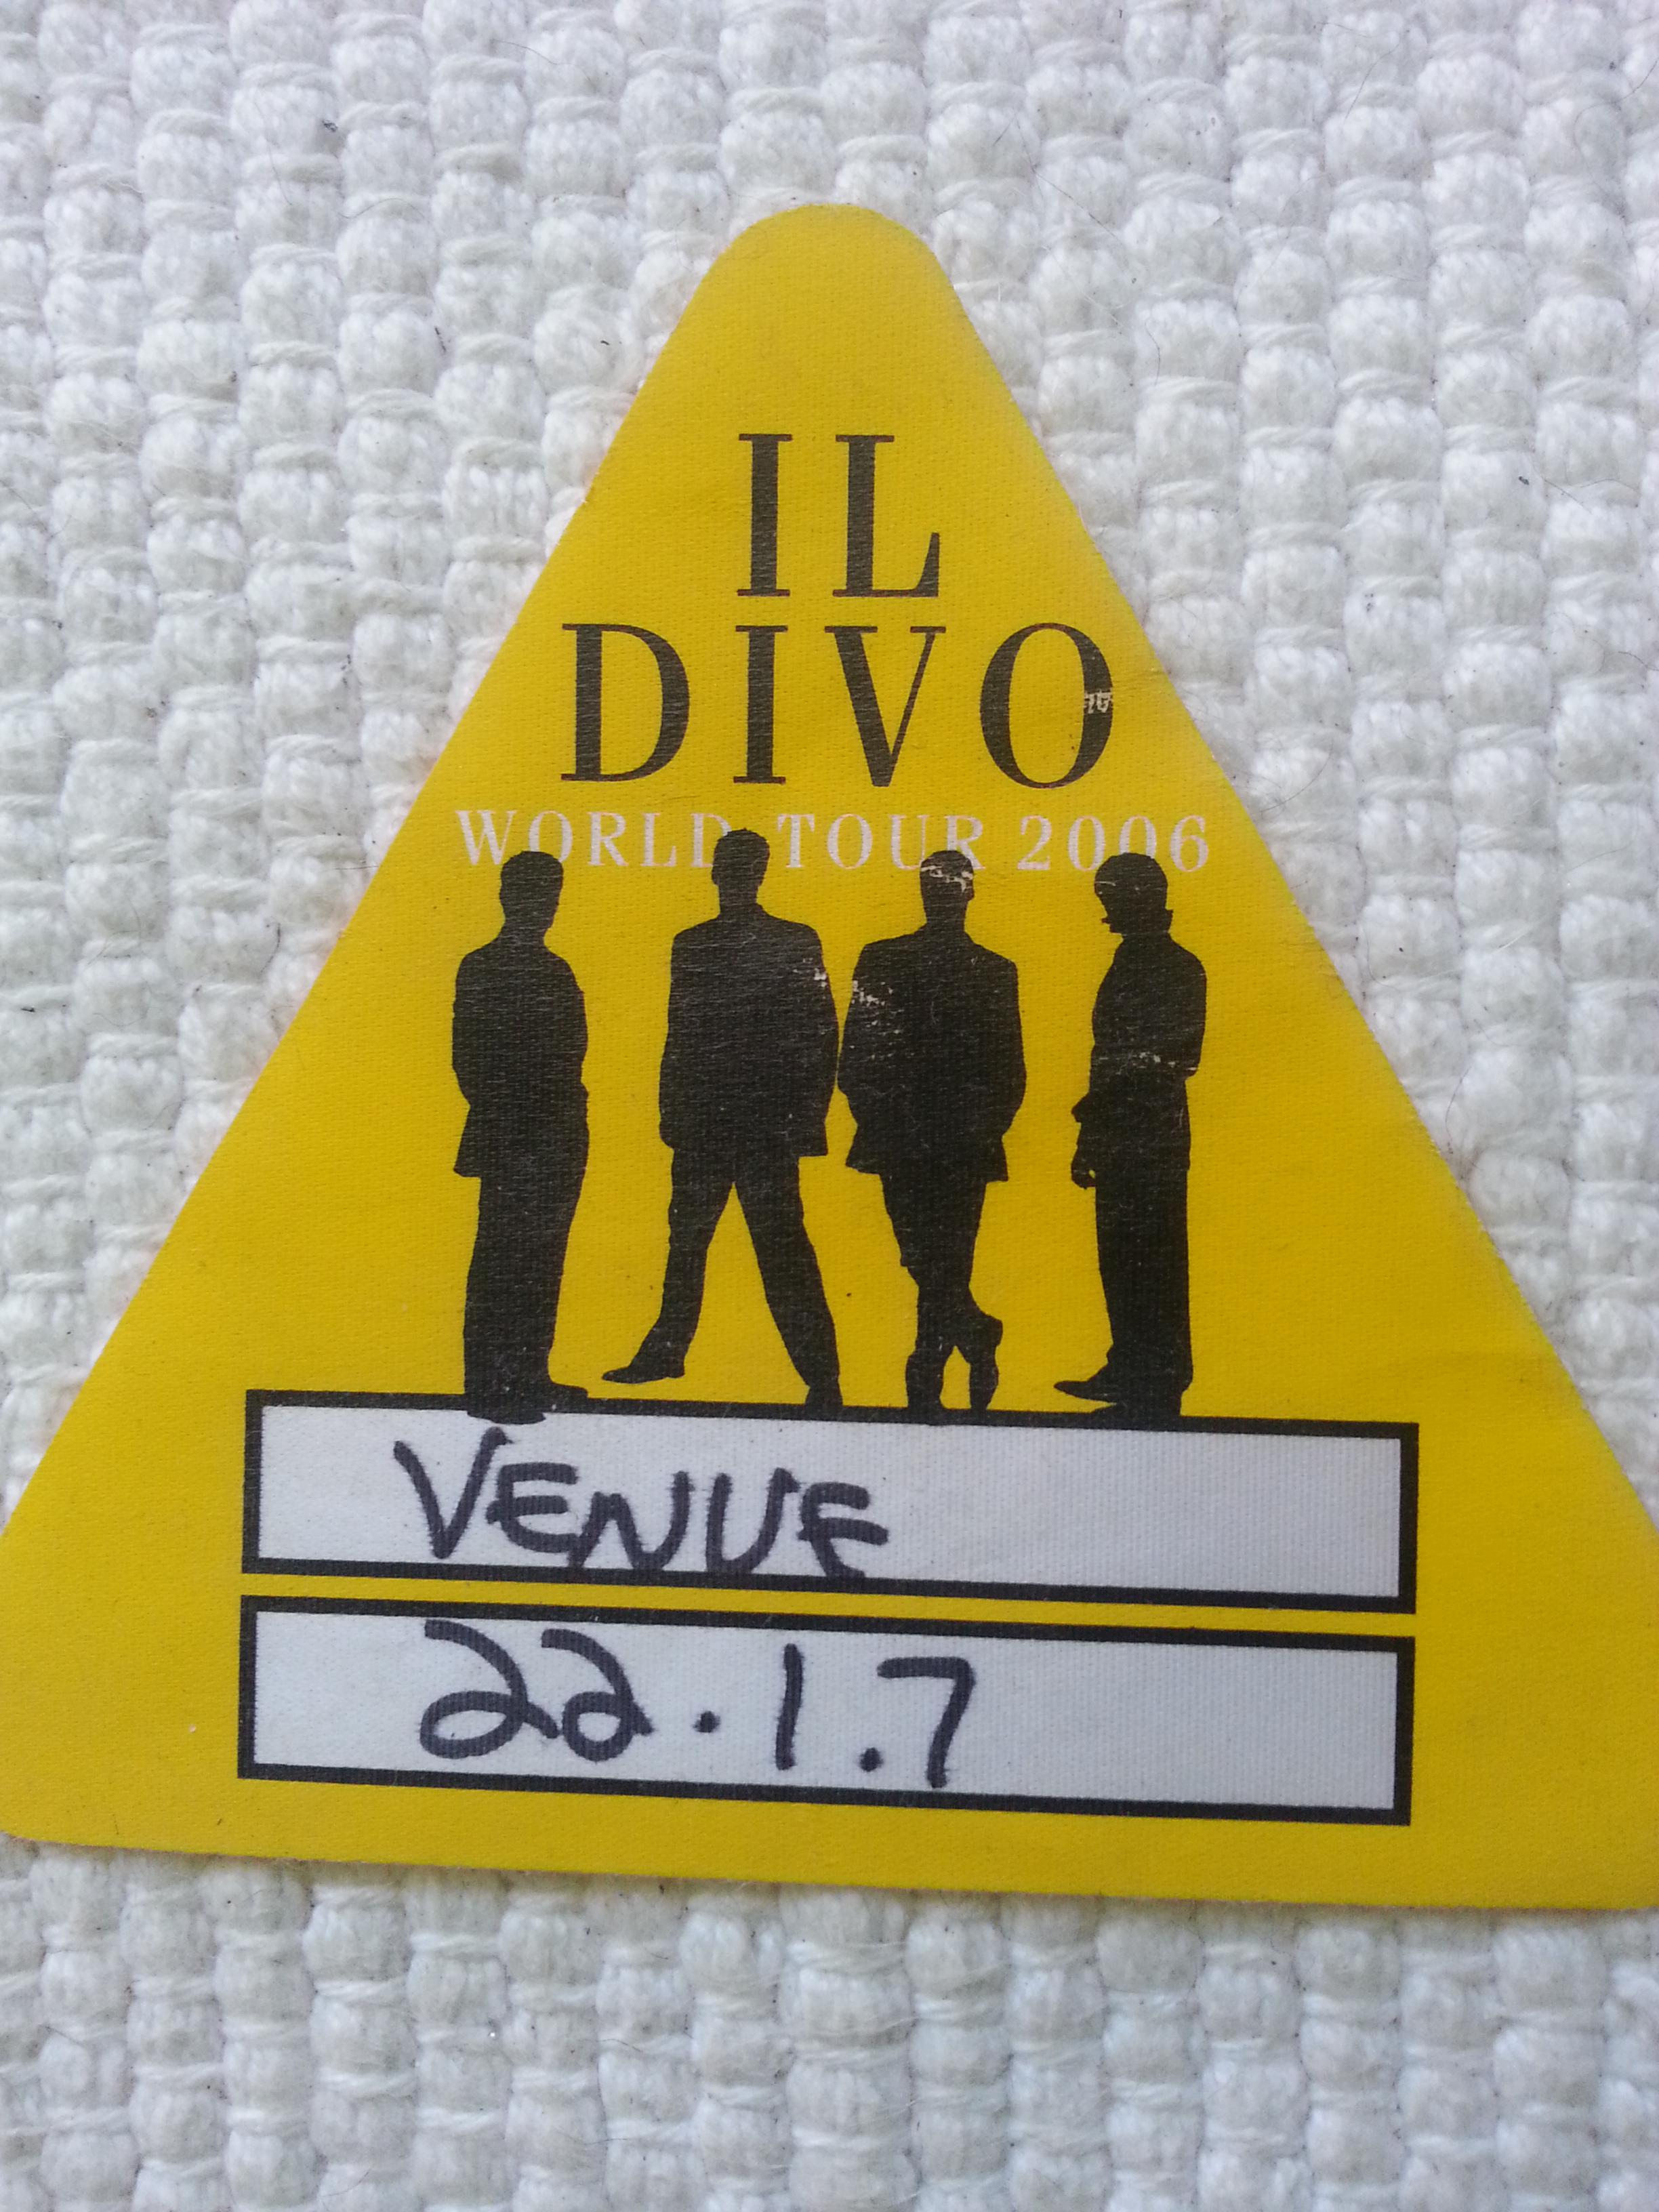 Il divo tour dates 28 images il divo to bring pasion - Il divo tour dates ...